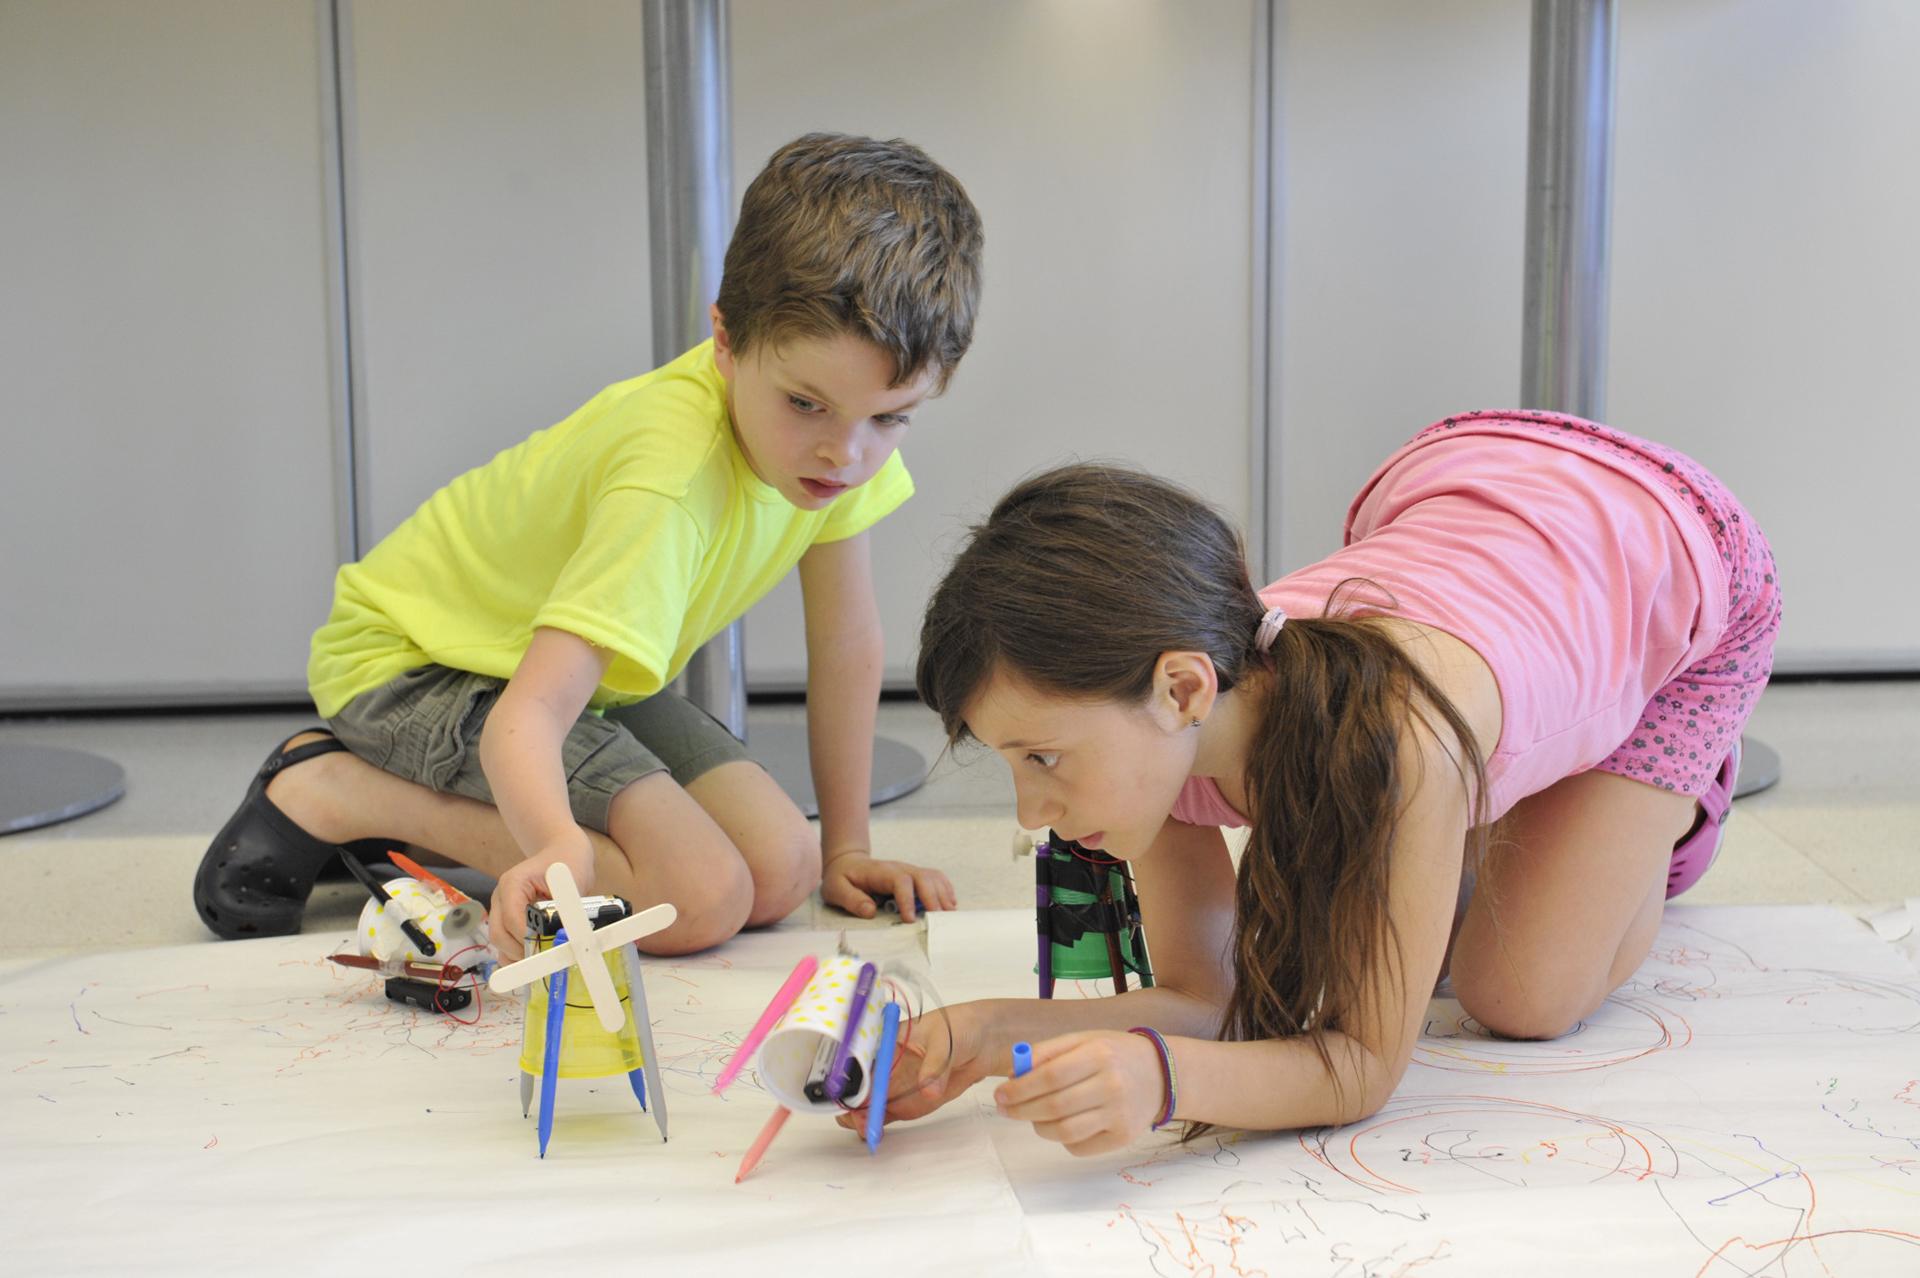 Actividades para los más chicos relacionadas con la ciencia